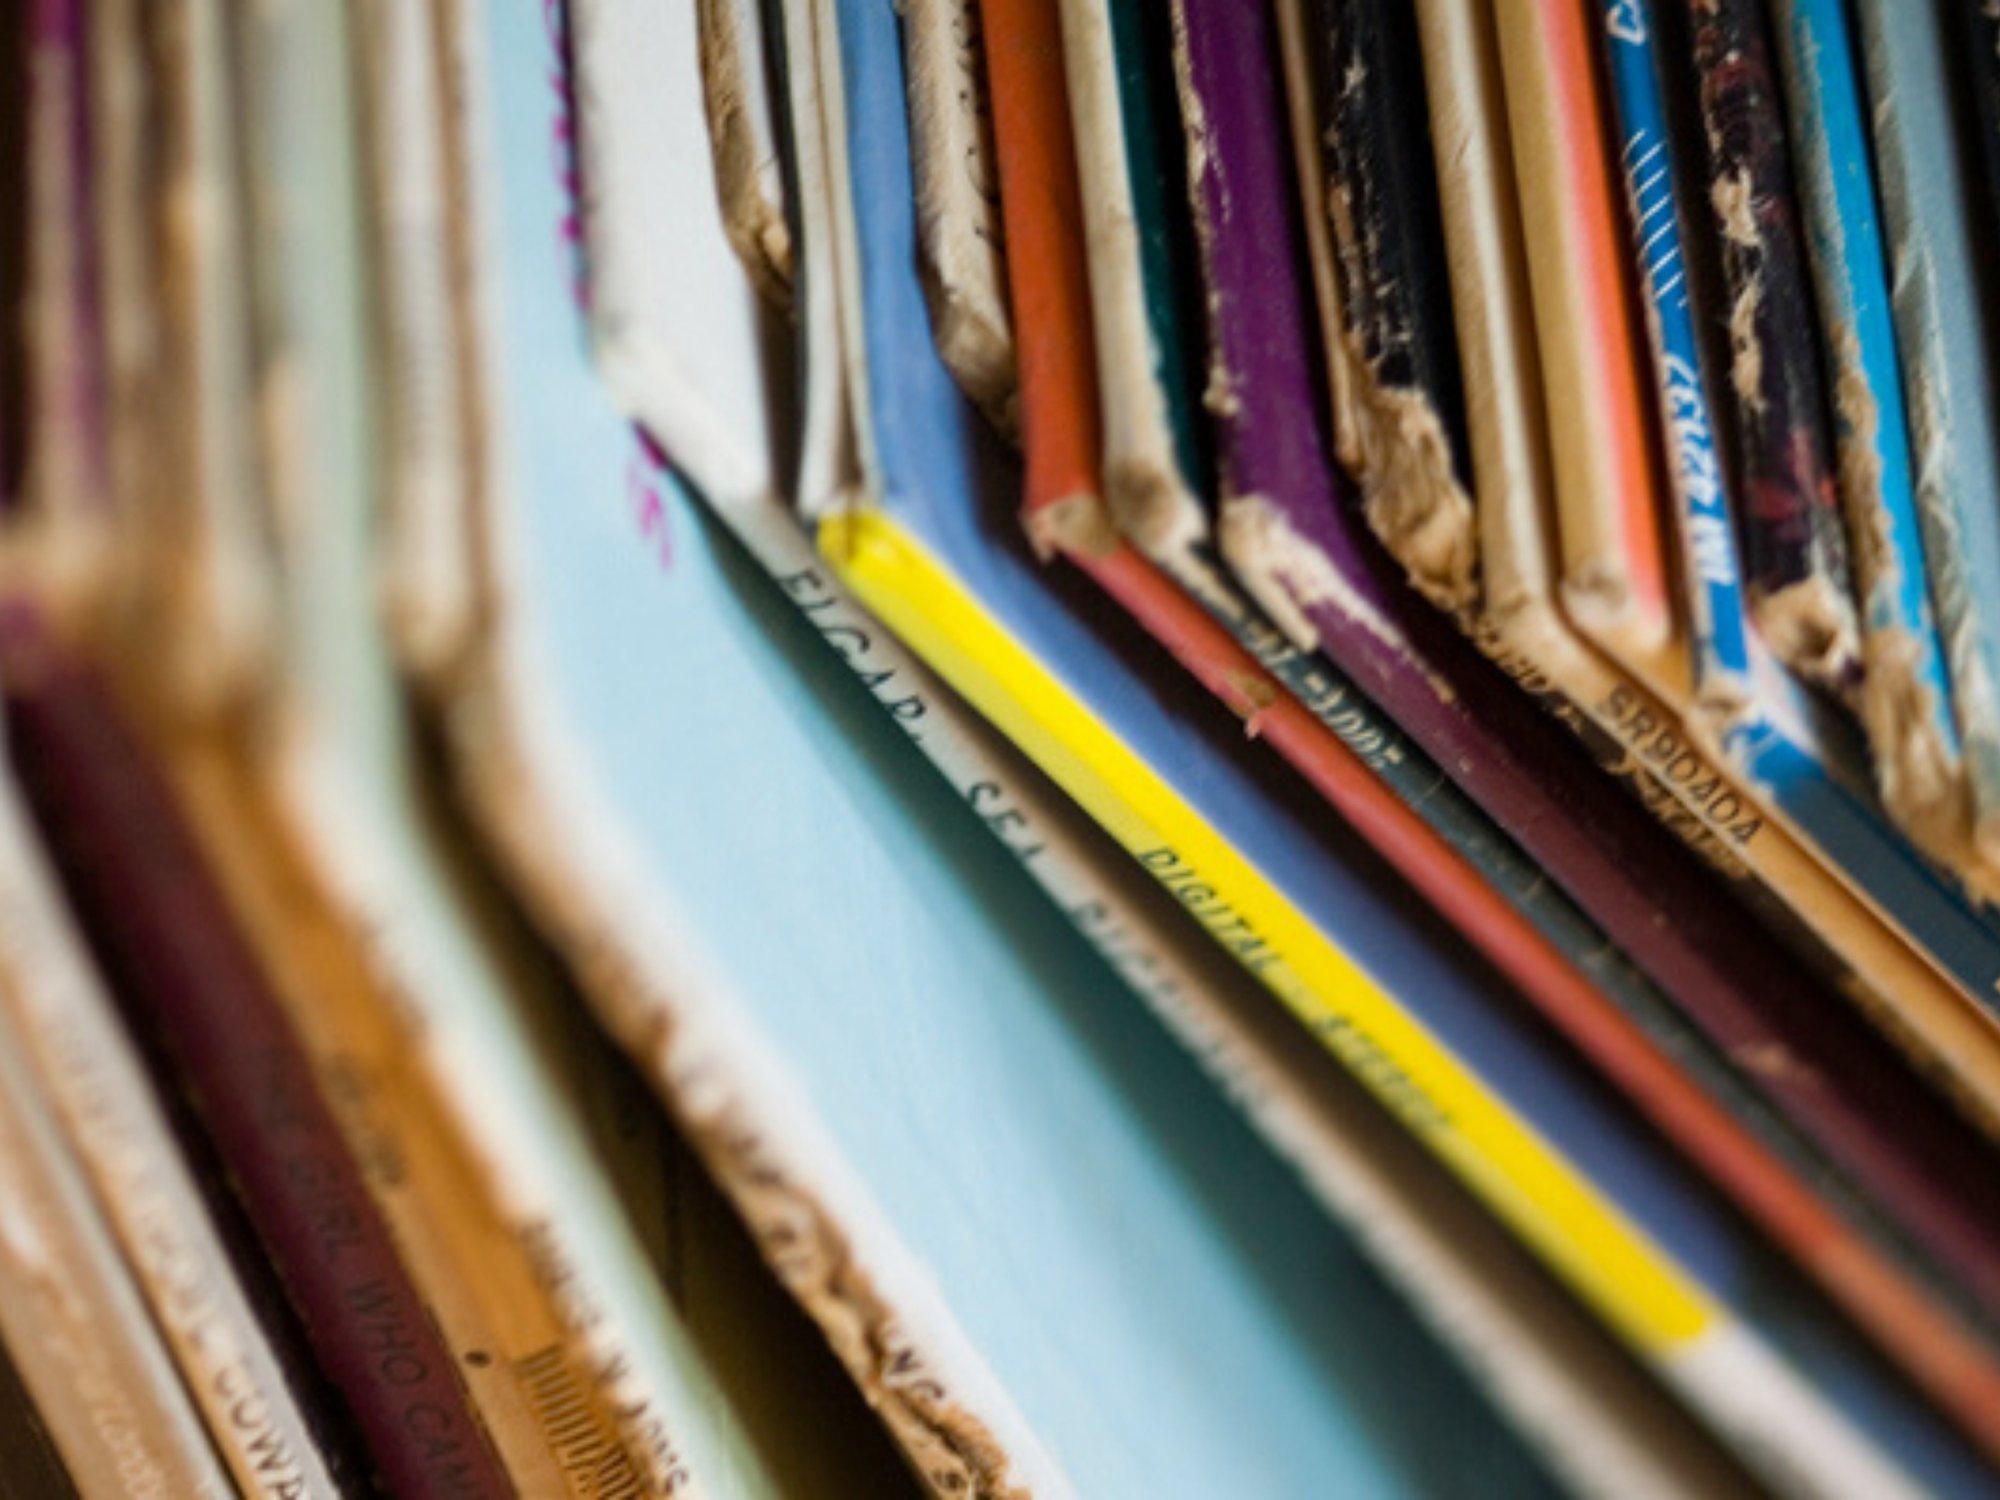 El vinilo supera en ventas al CD por primera vez en treinta años